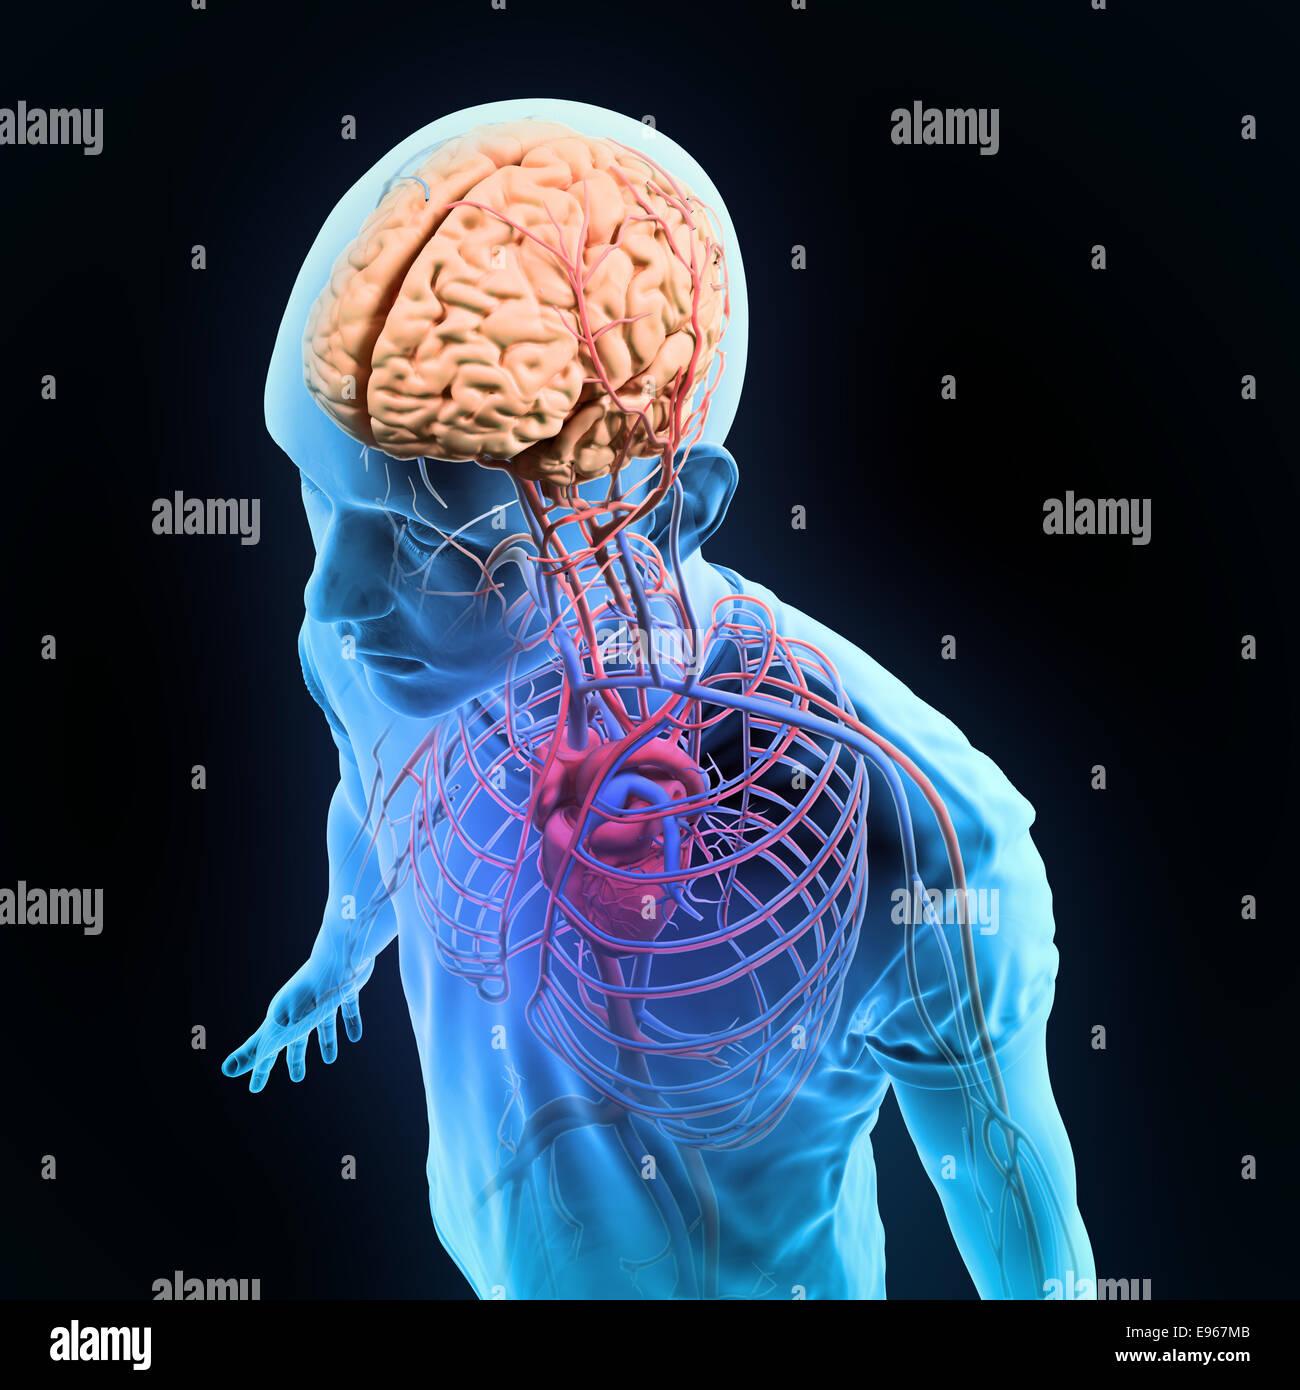 Anatomie humaine - illustration des systèmes circulatoires et nerveux central Banque D'Images